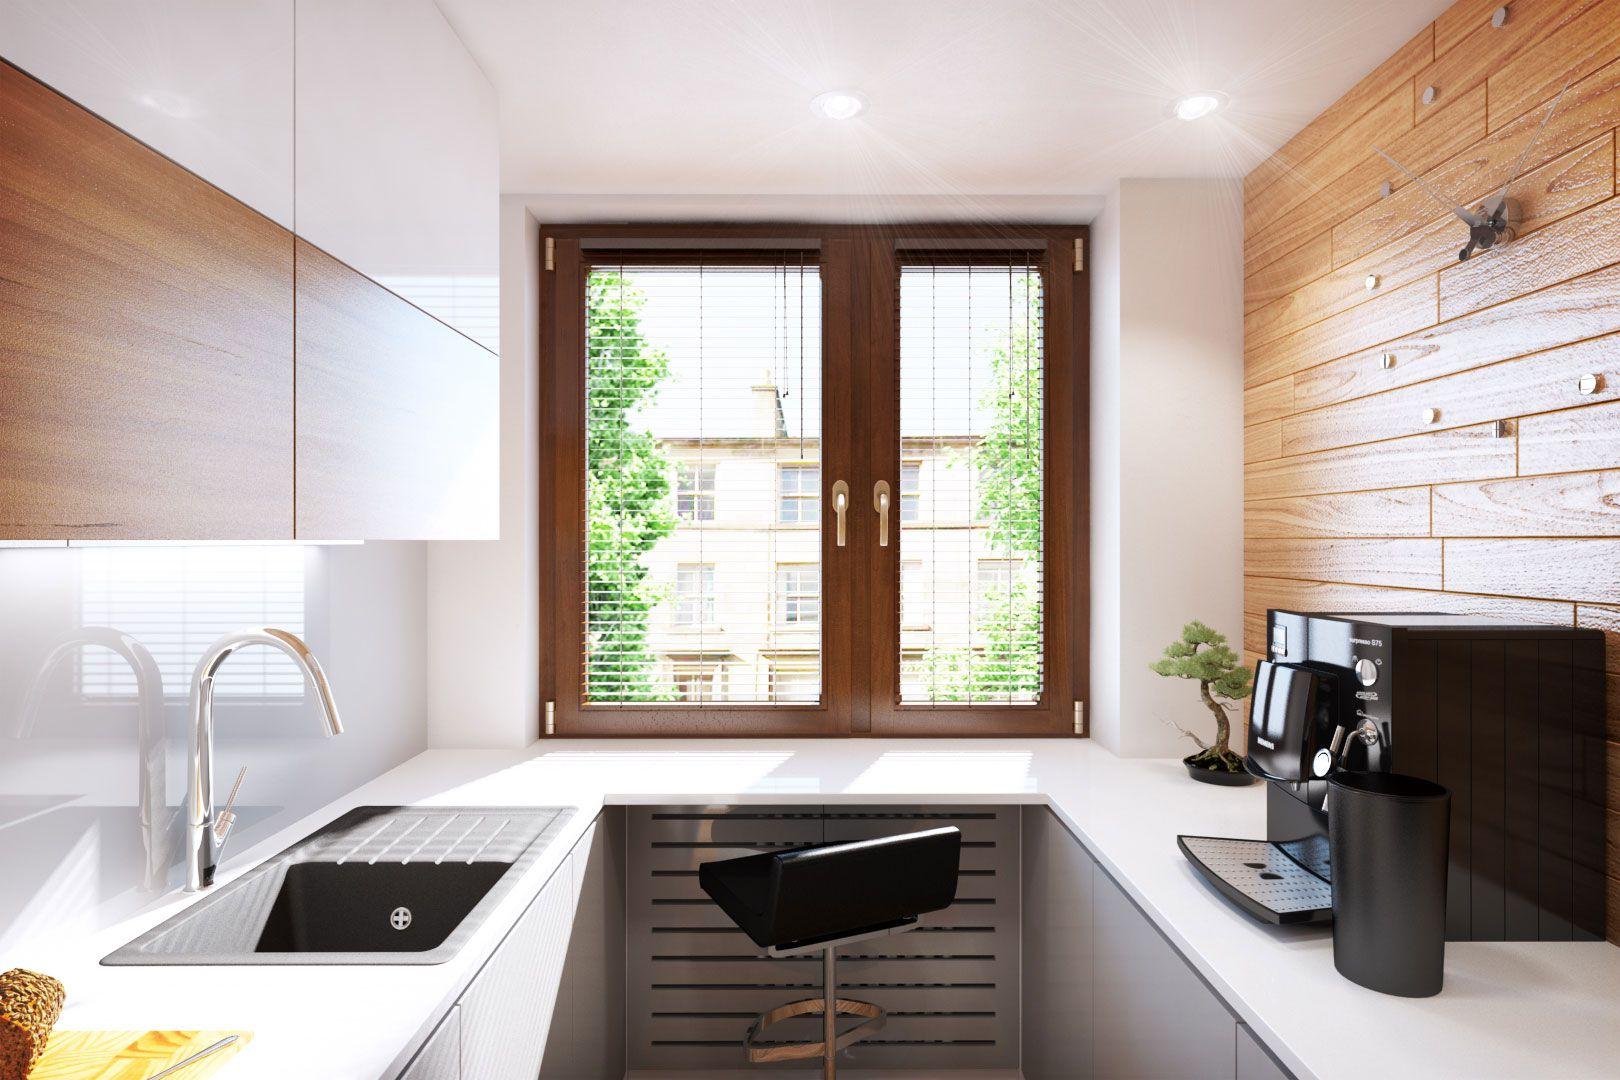 Iluminaci n de cocina muy peque a construye hogar for Diseno cocinas muy pequenas